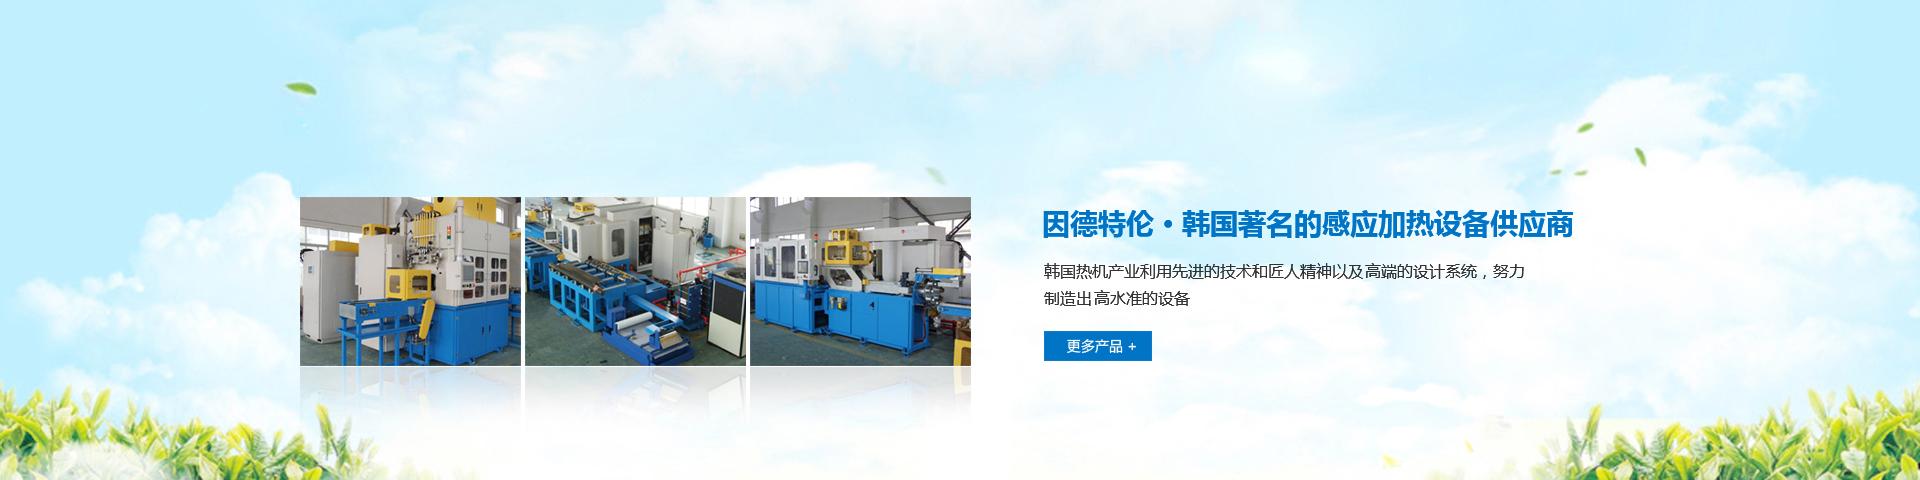 因德特伦精密机械(太仓)有限公司